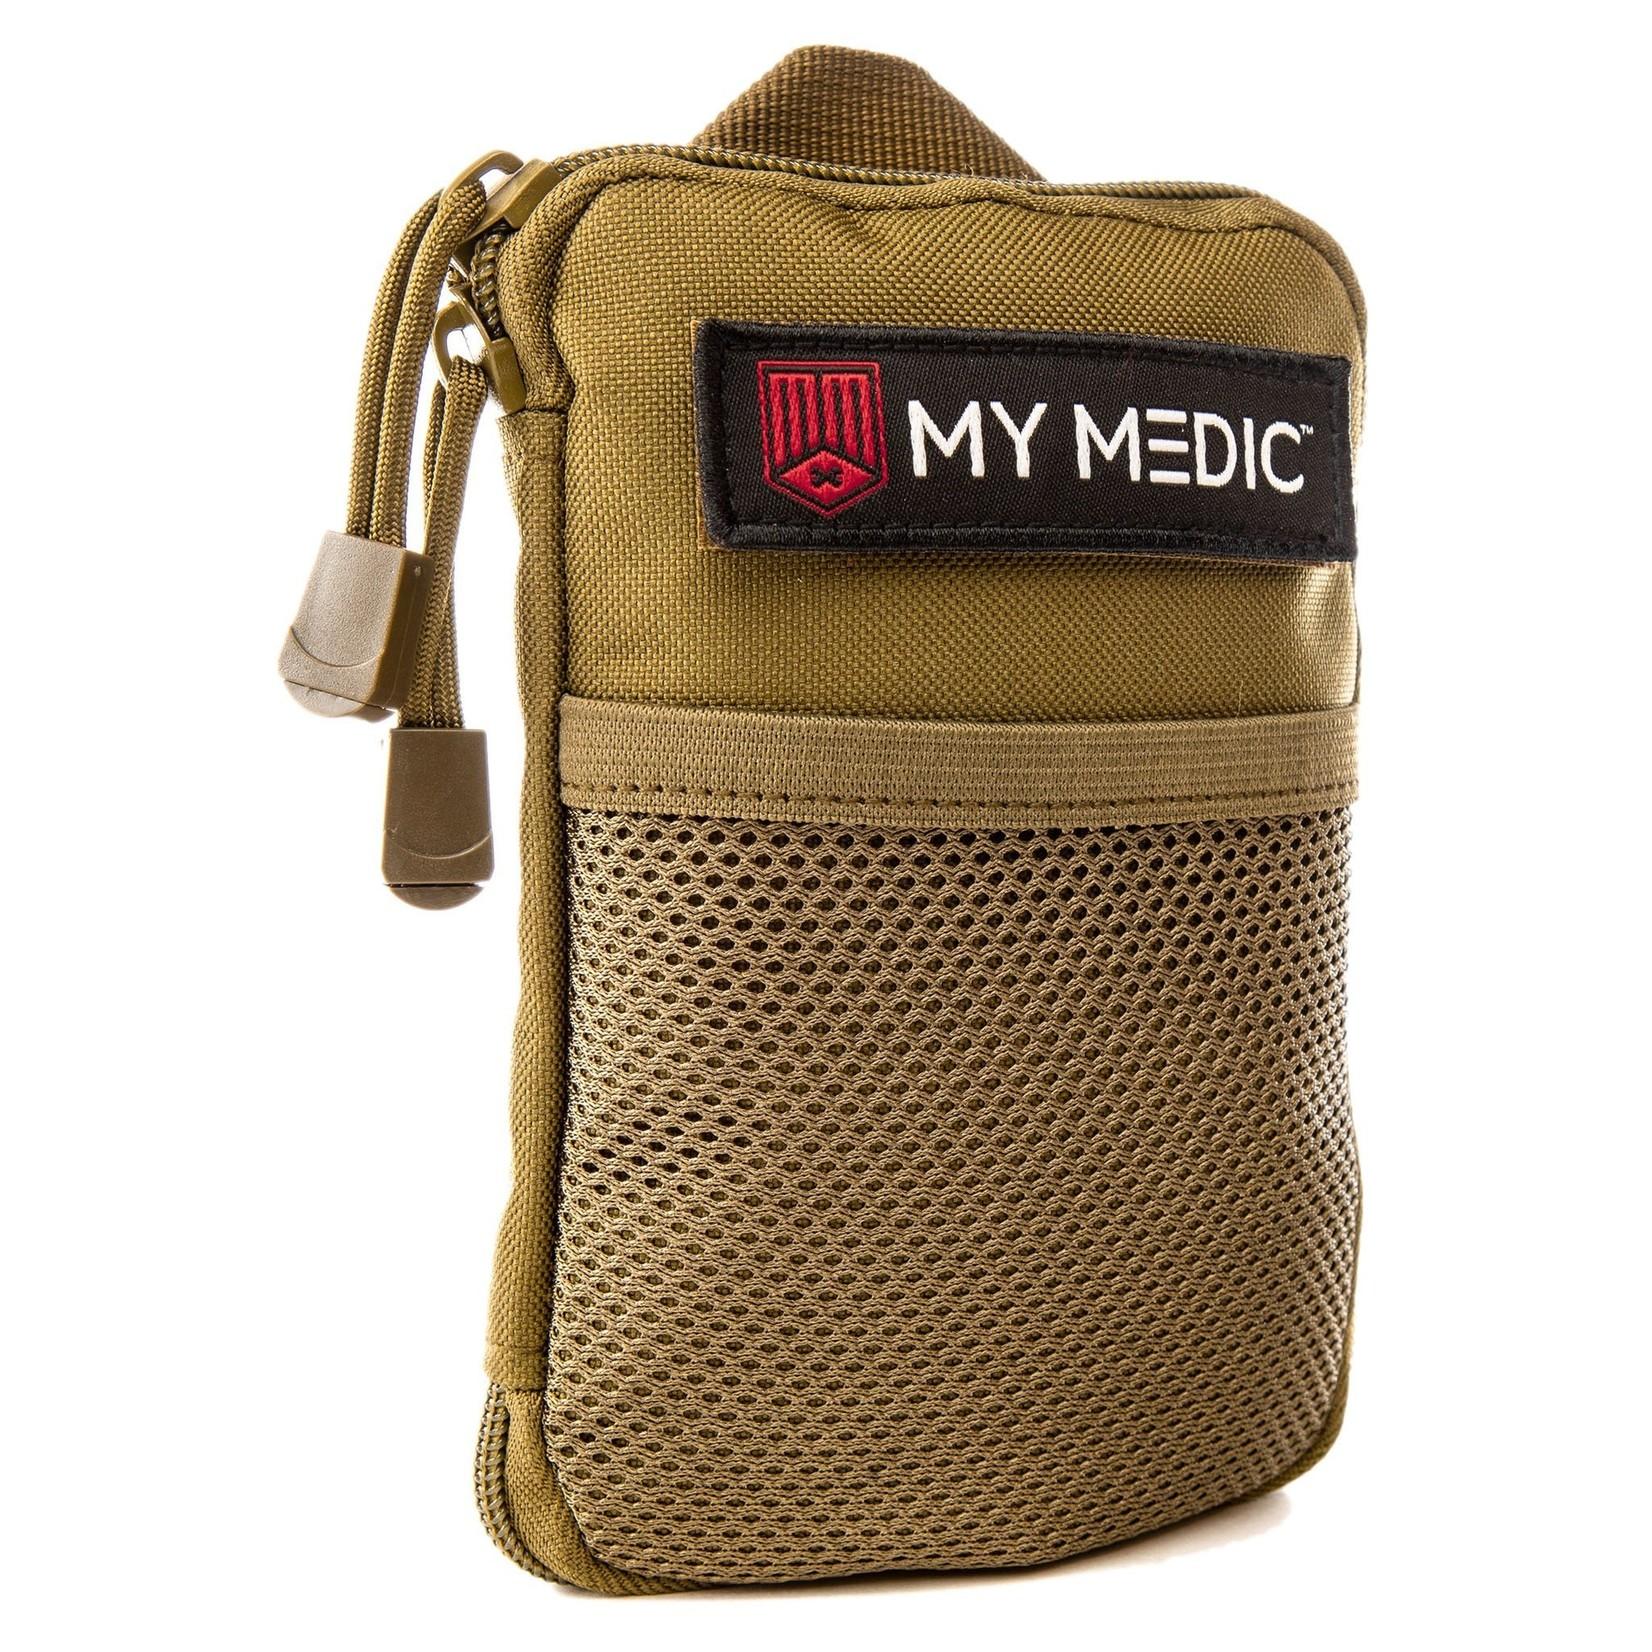 MyMedic The Stitch Suture Kit